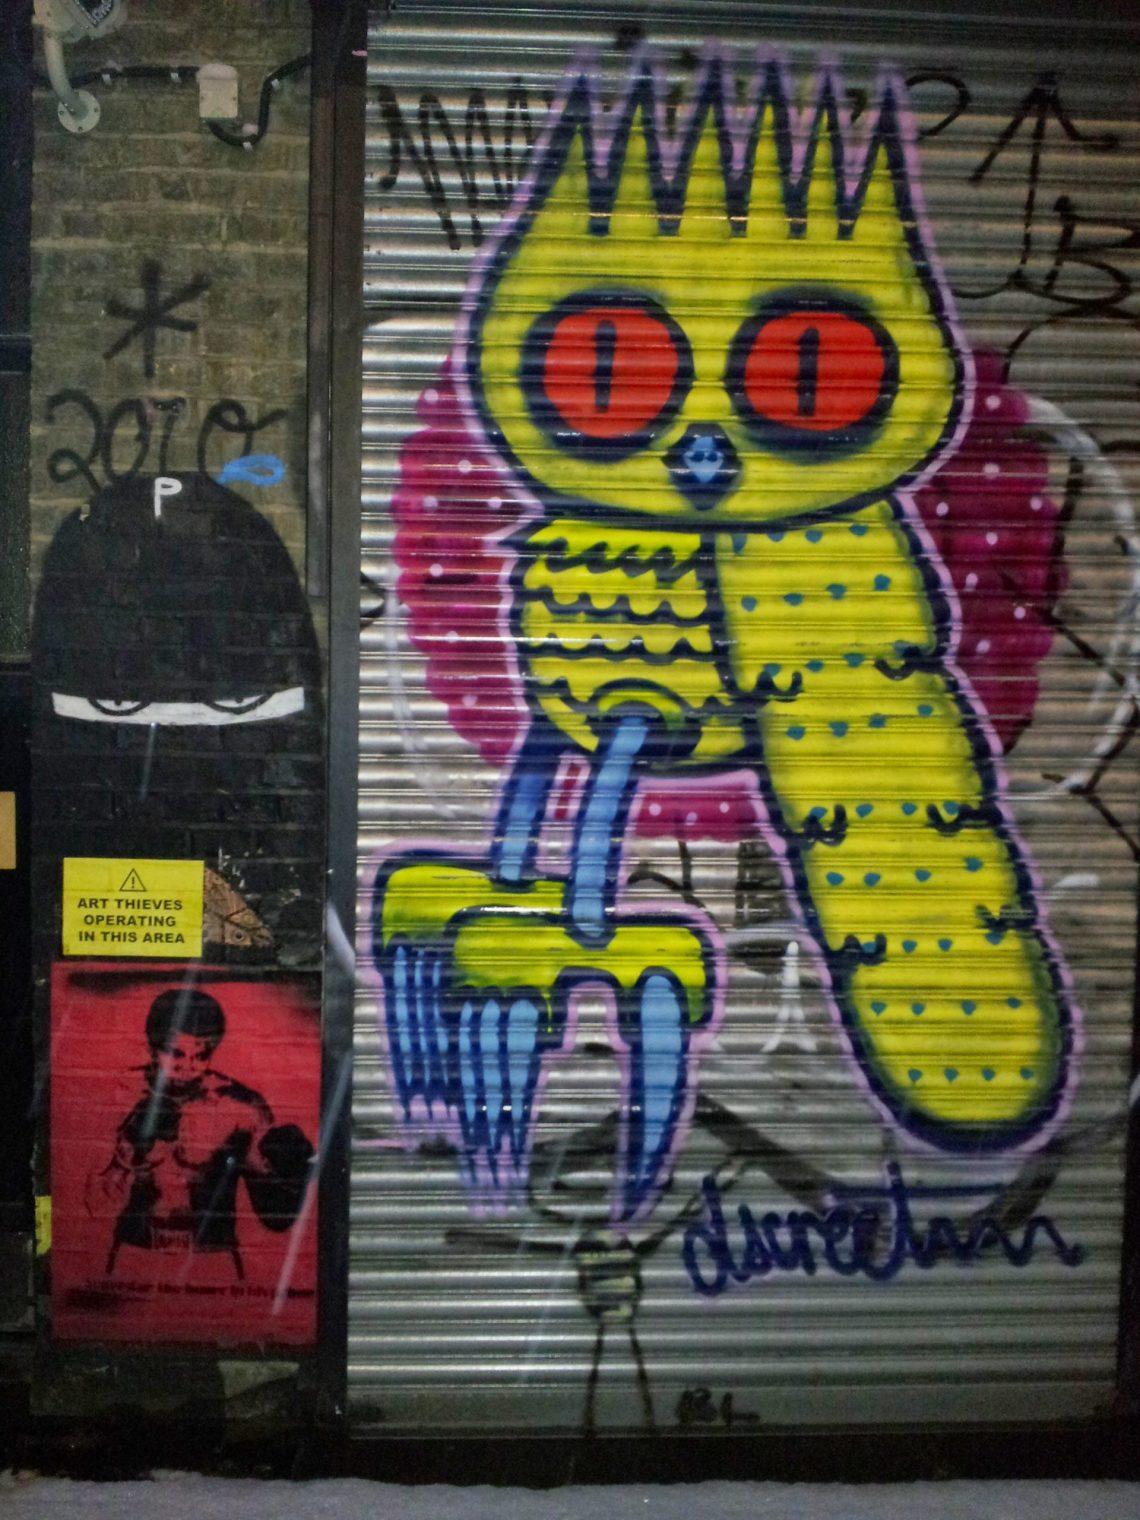 Shoreditch Graffiti: Graffiti And Street Art Legends Of Shoreditch And London's